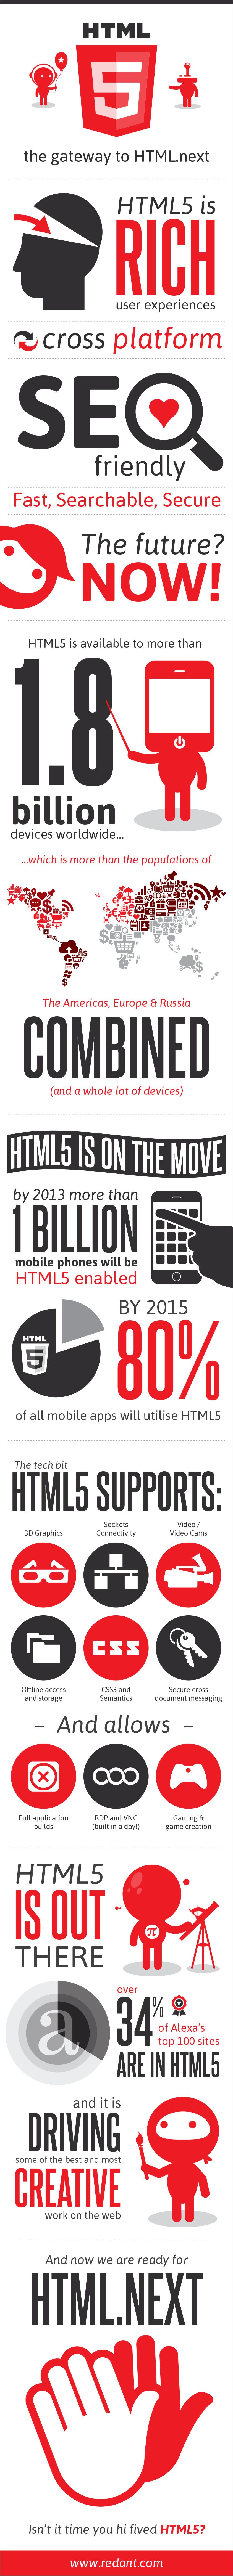 HTML 5: Gateway To HTML.next